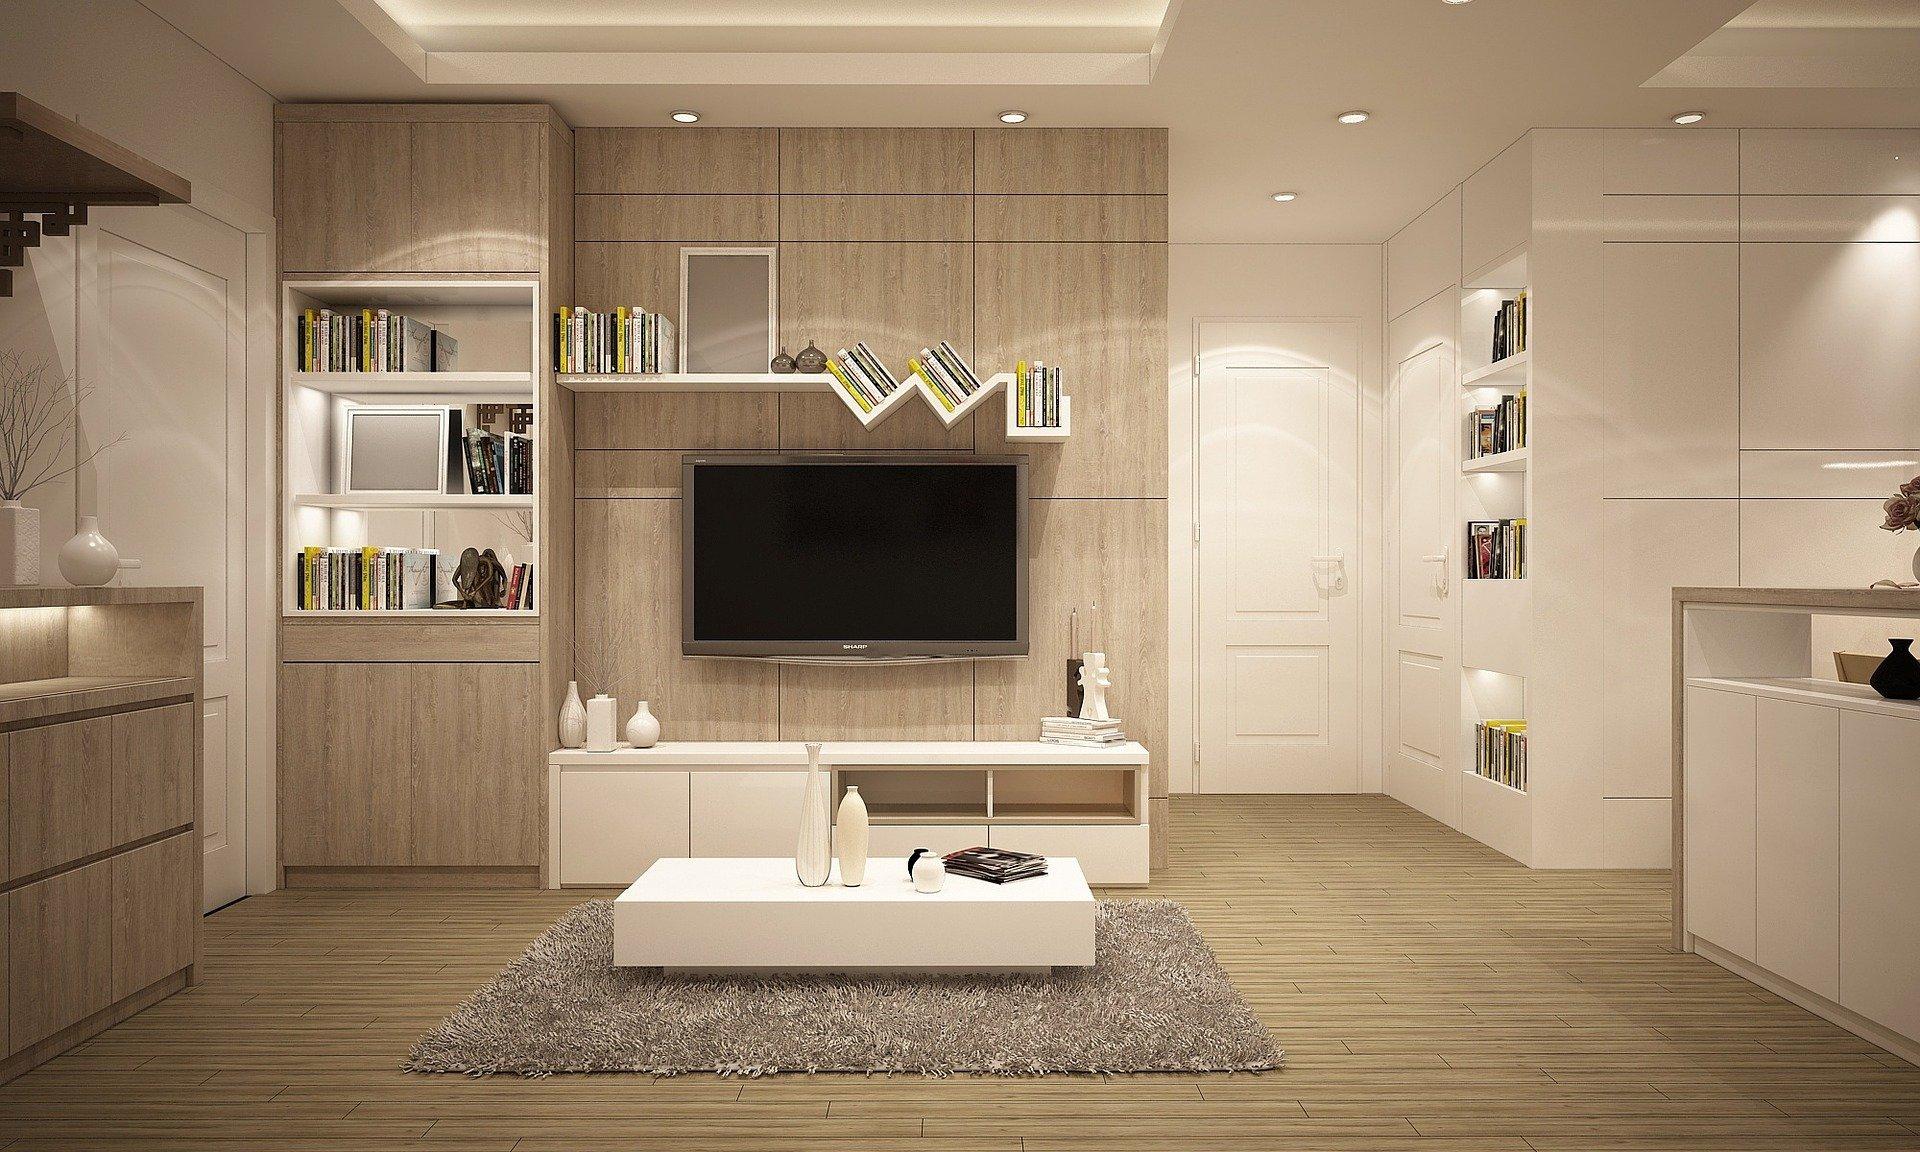 Tout pour construire une maison moderne